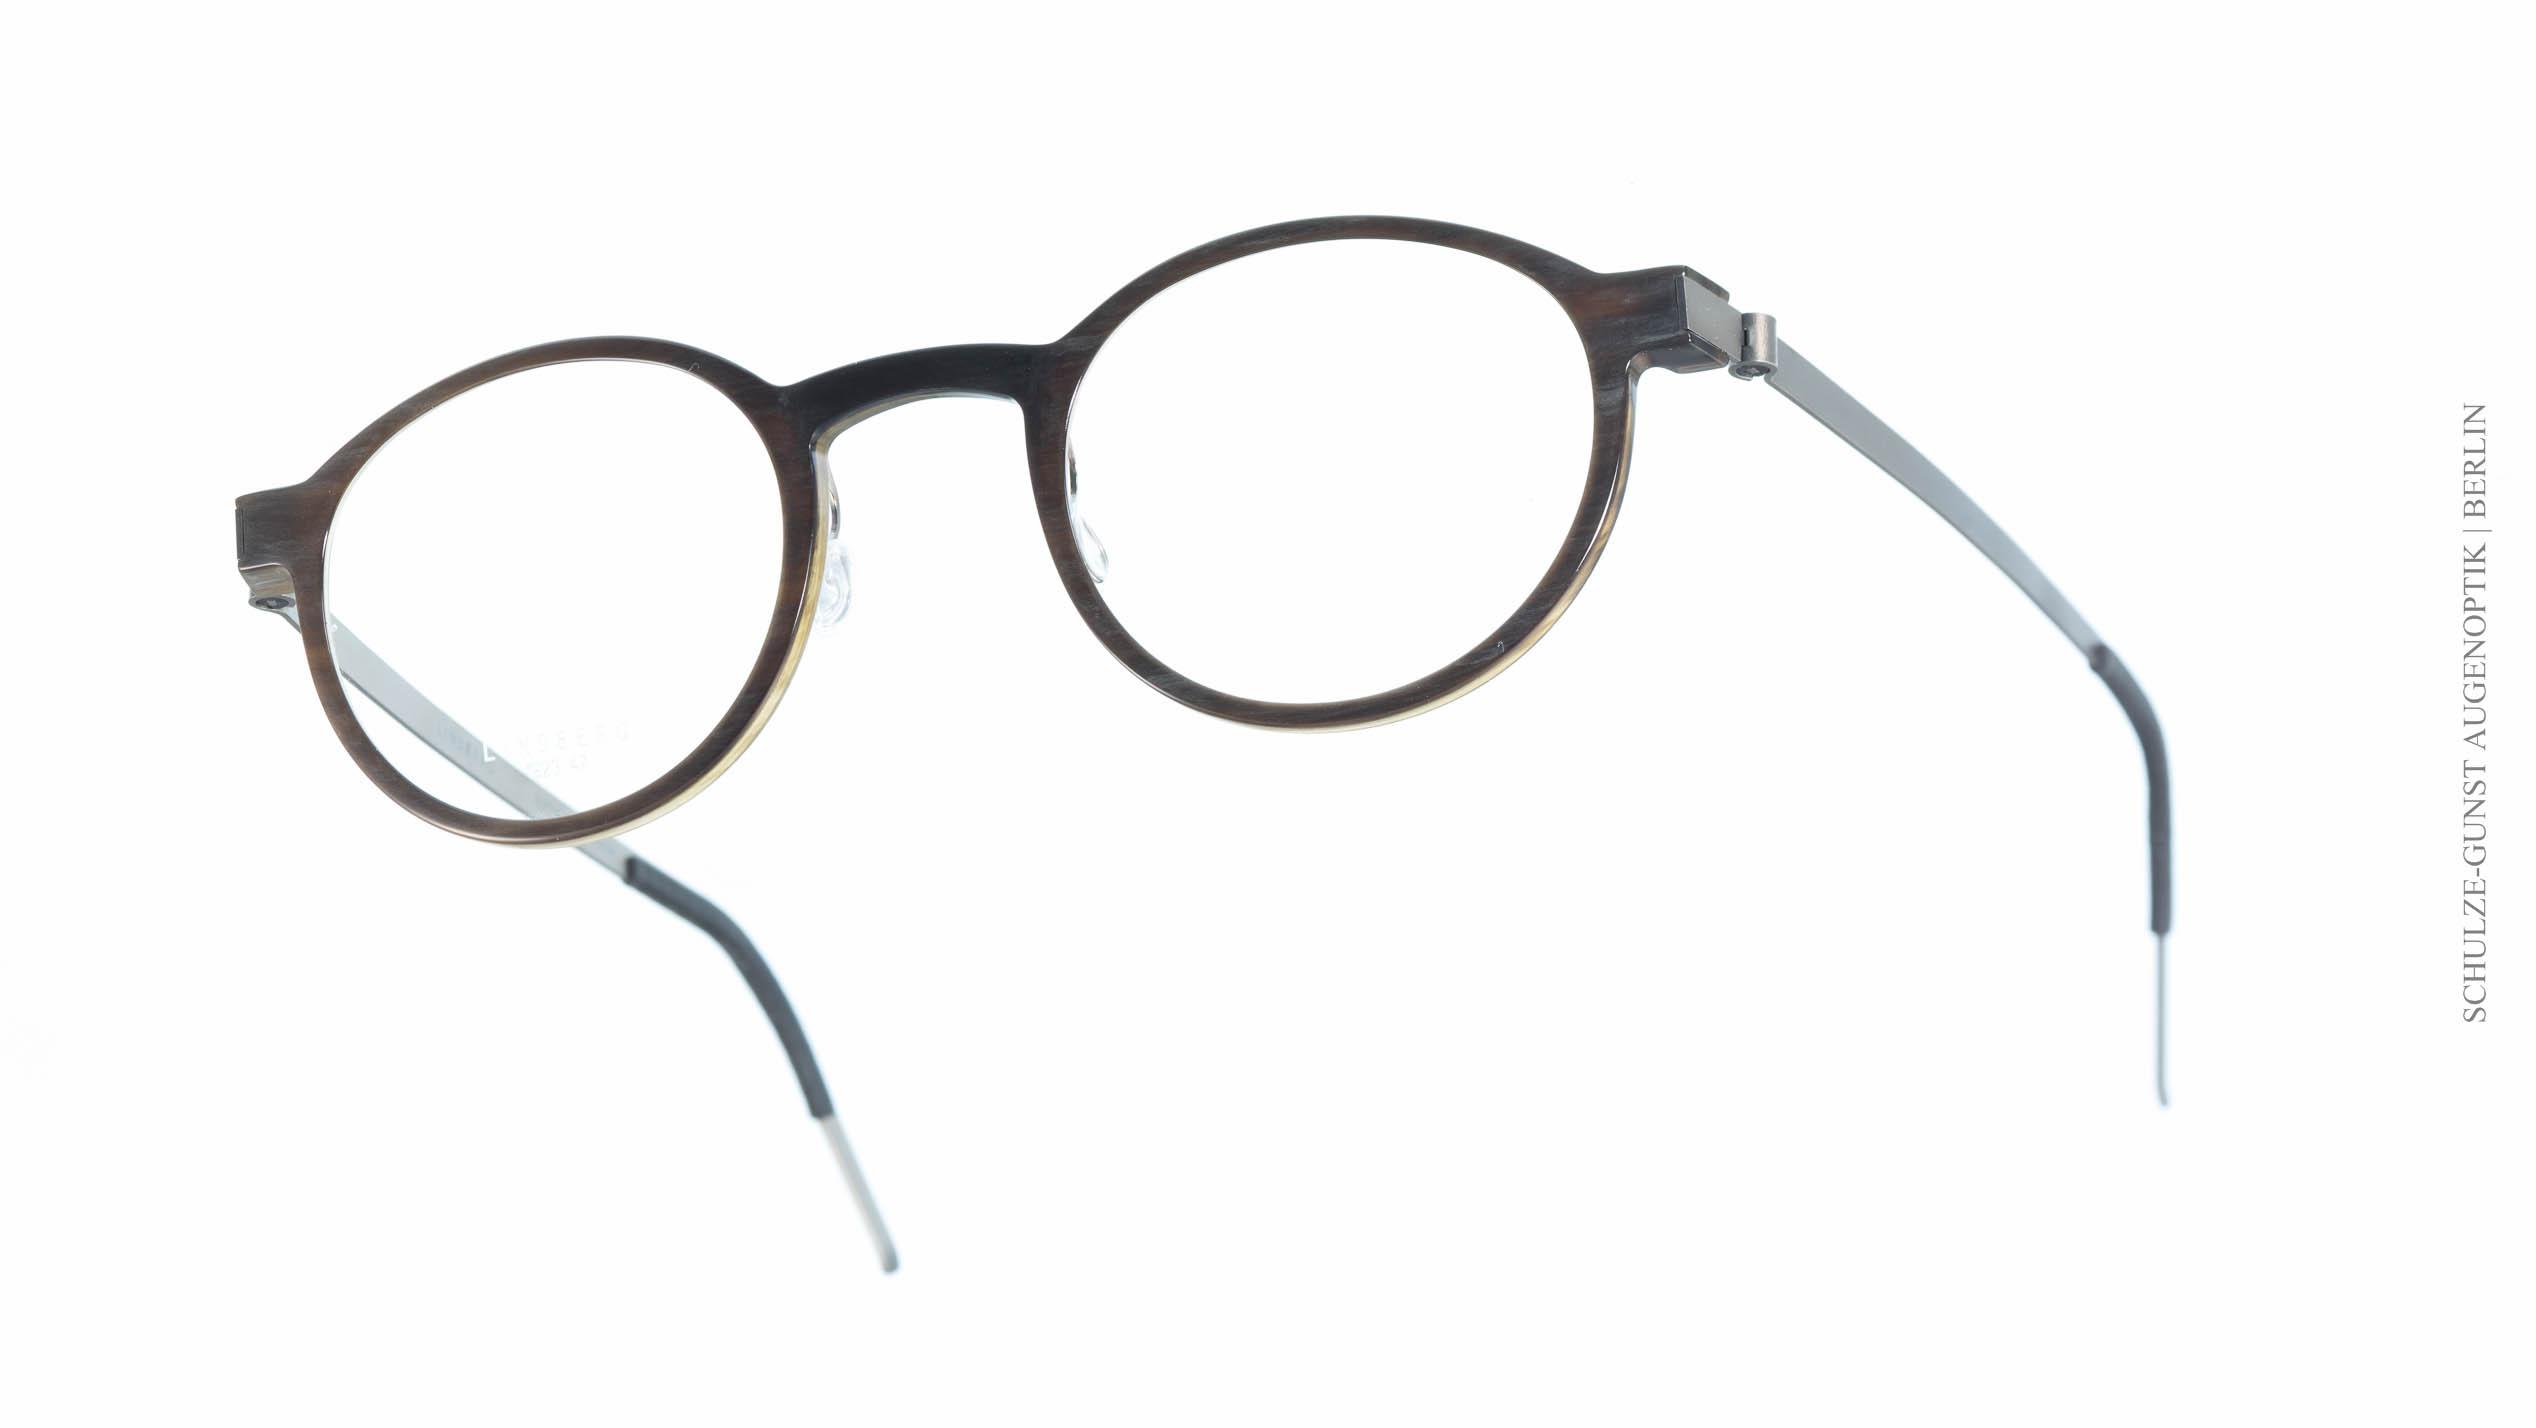 7944-lindberg-1823-brillen-horn-fassung-vollrand-leicht-klassisch